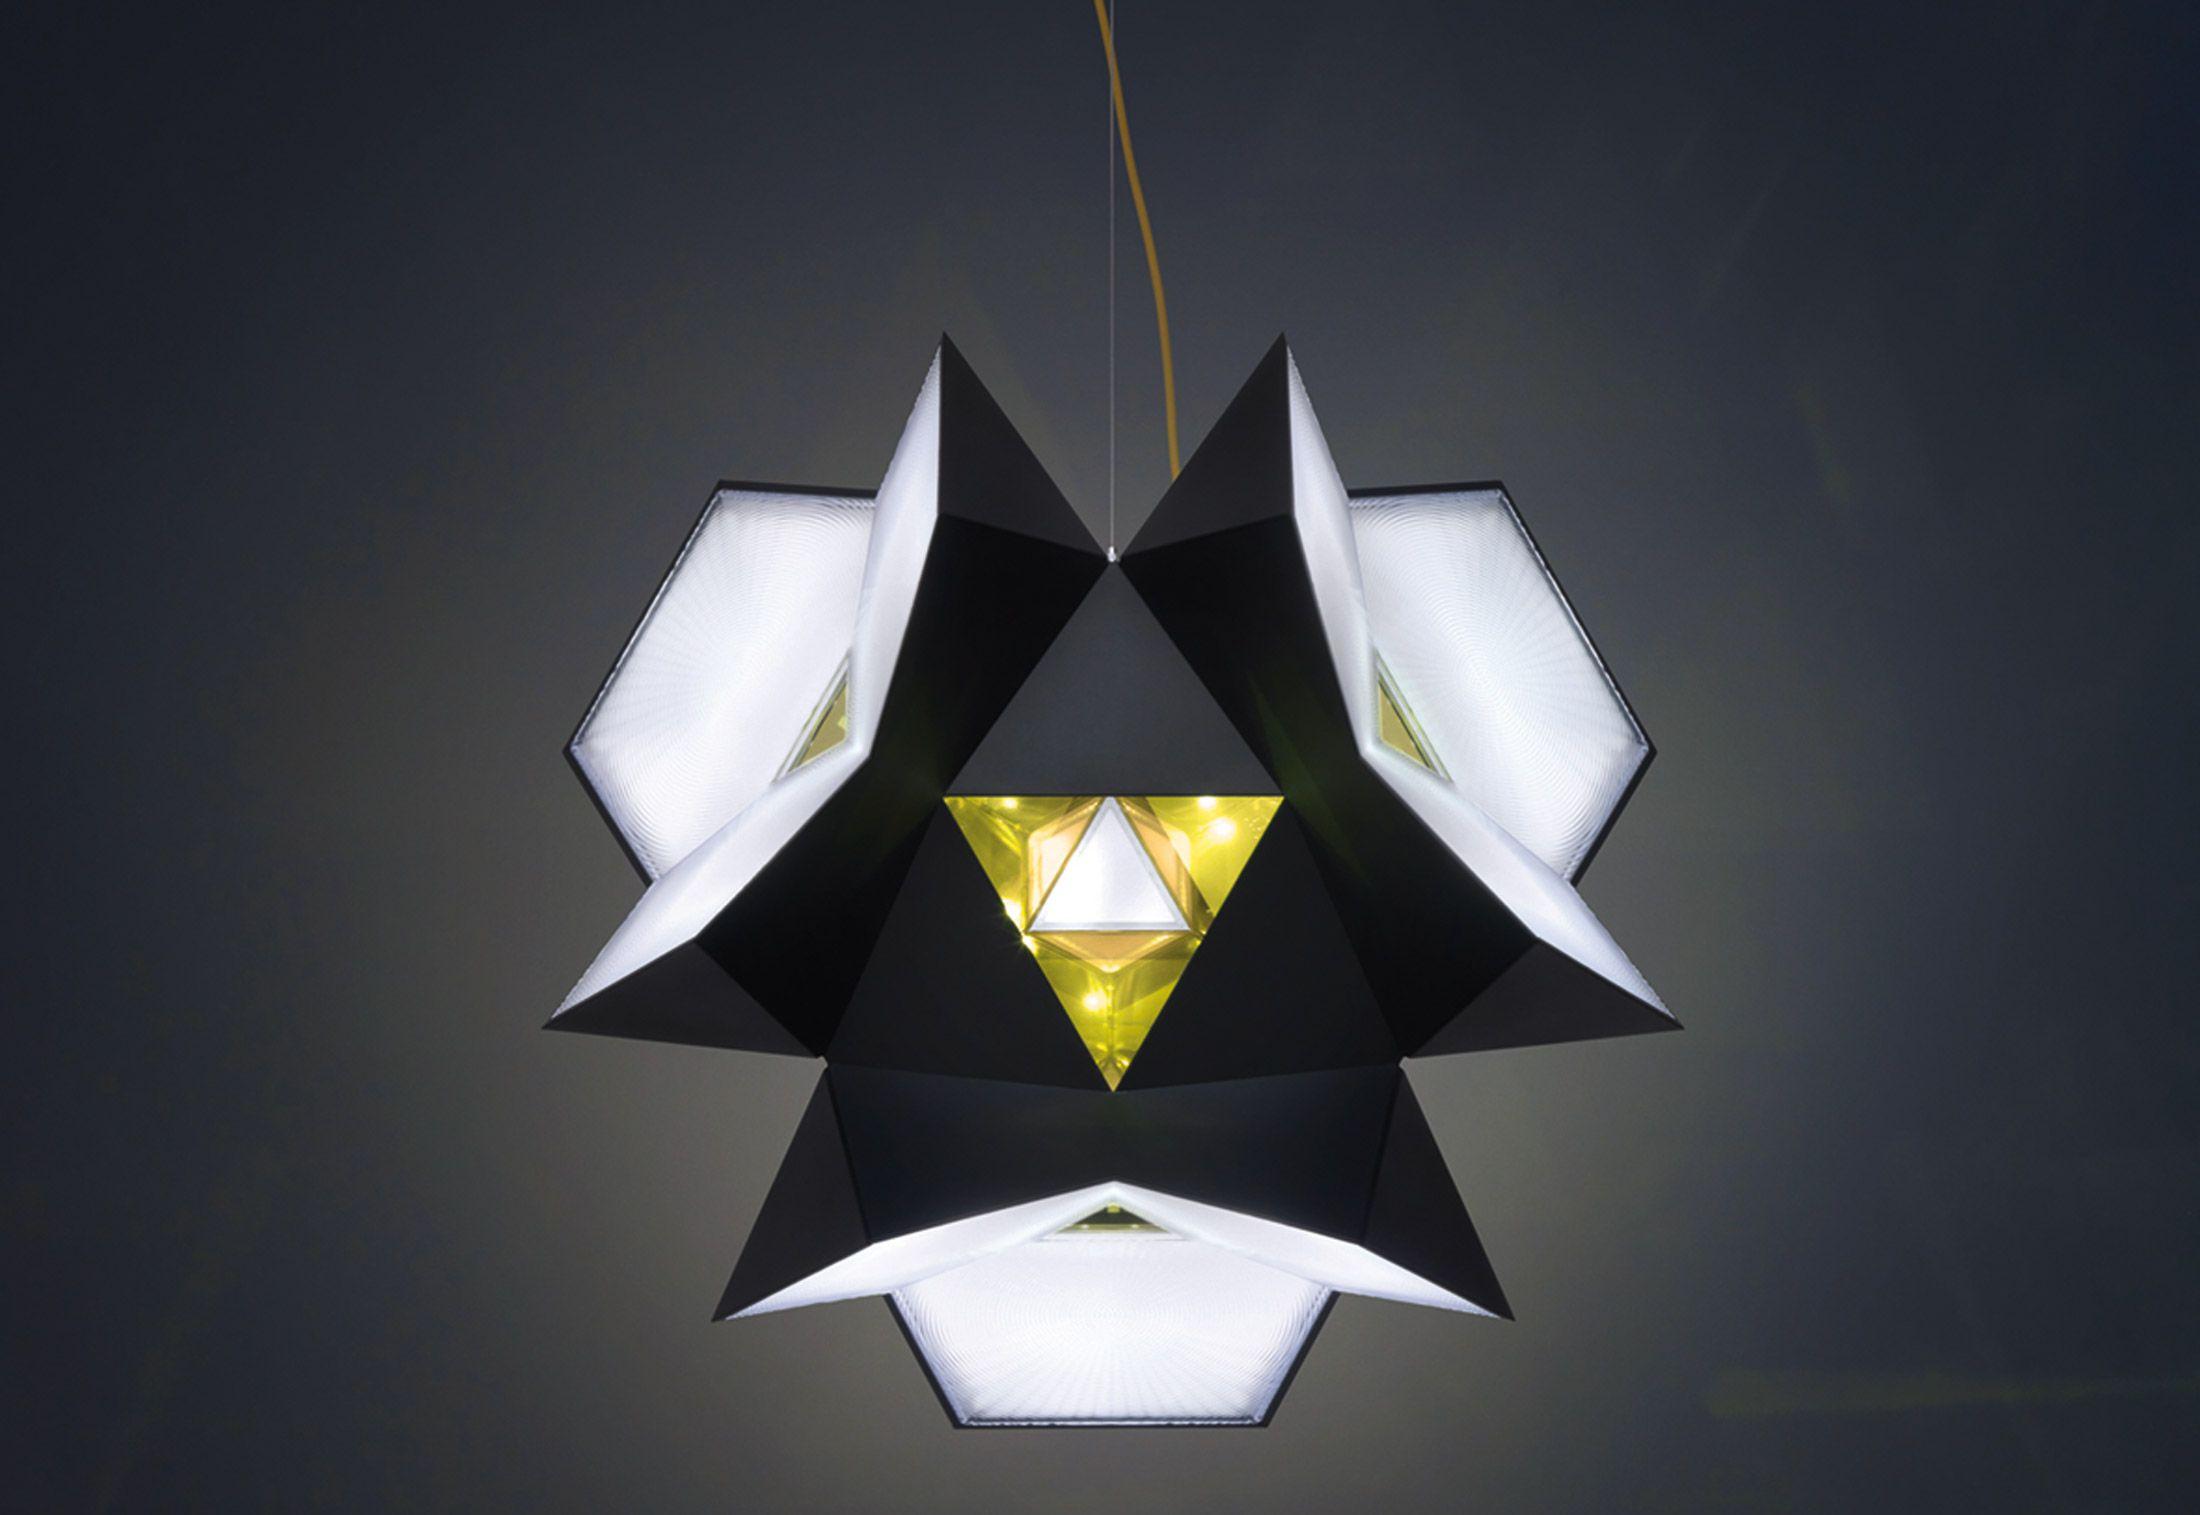 Zumtobel Masterpieces Starbrick Pendant Lamp Design Eclectic Light Fixtures Vitra Design Museum